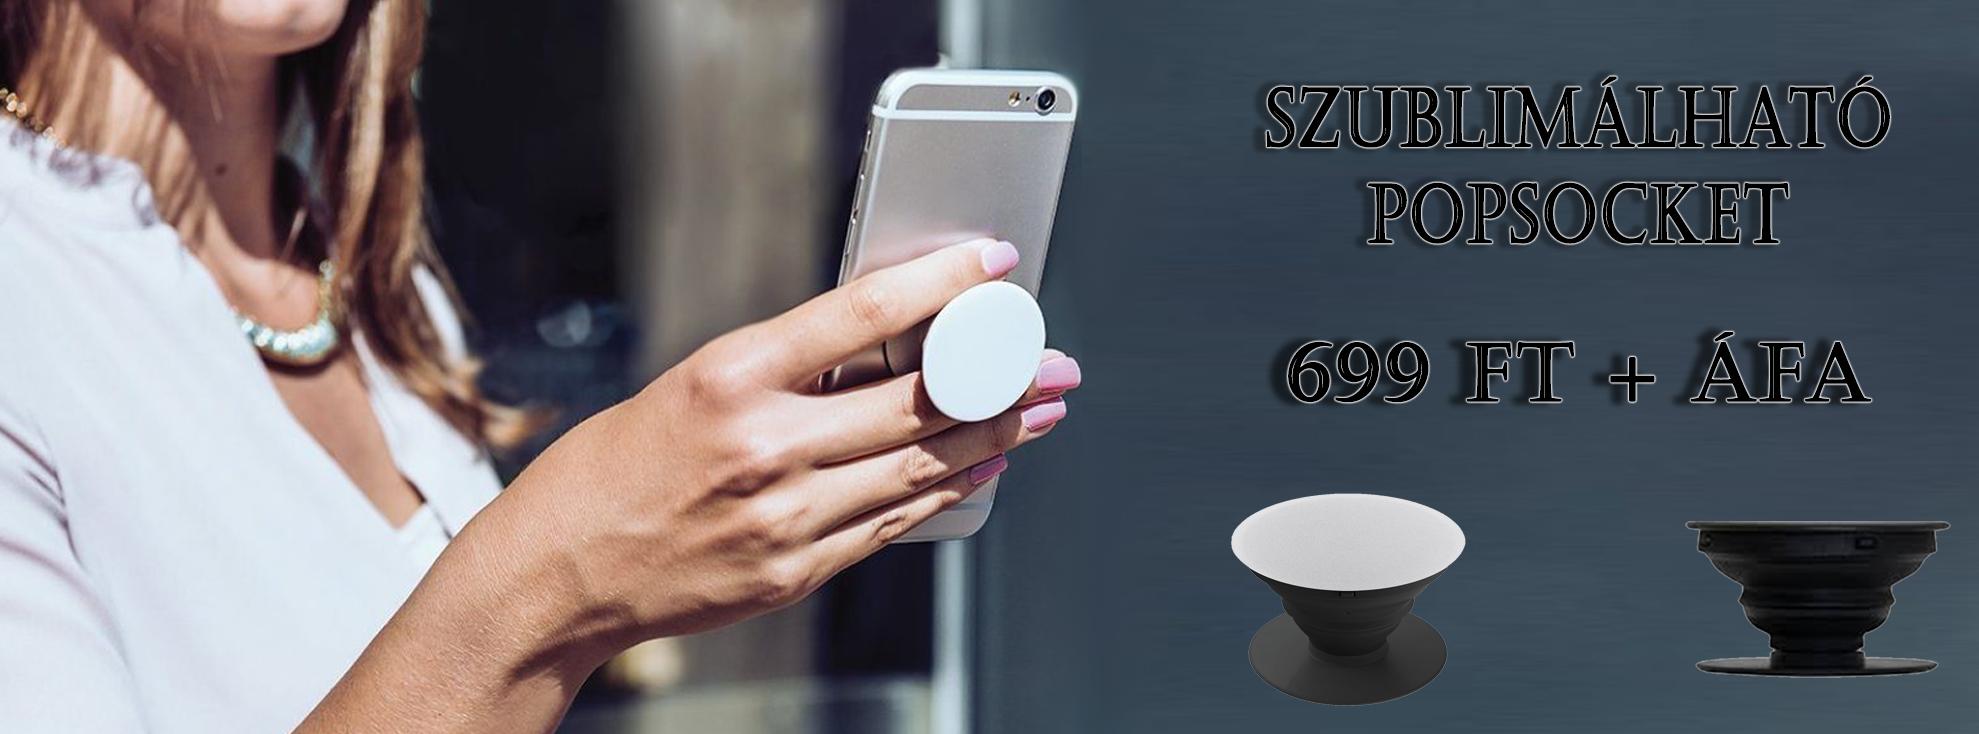 Új termék: PopSocket